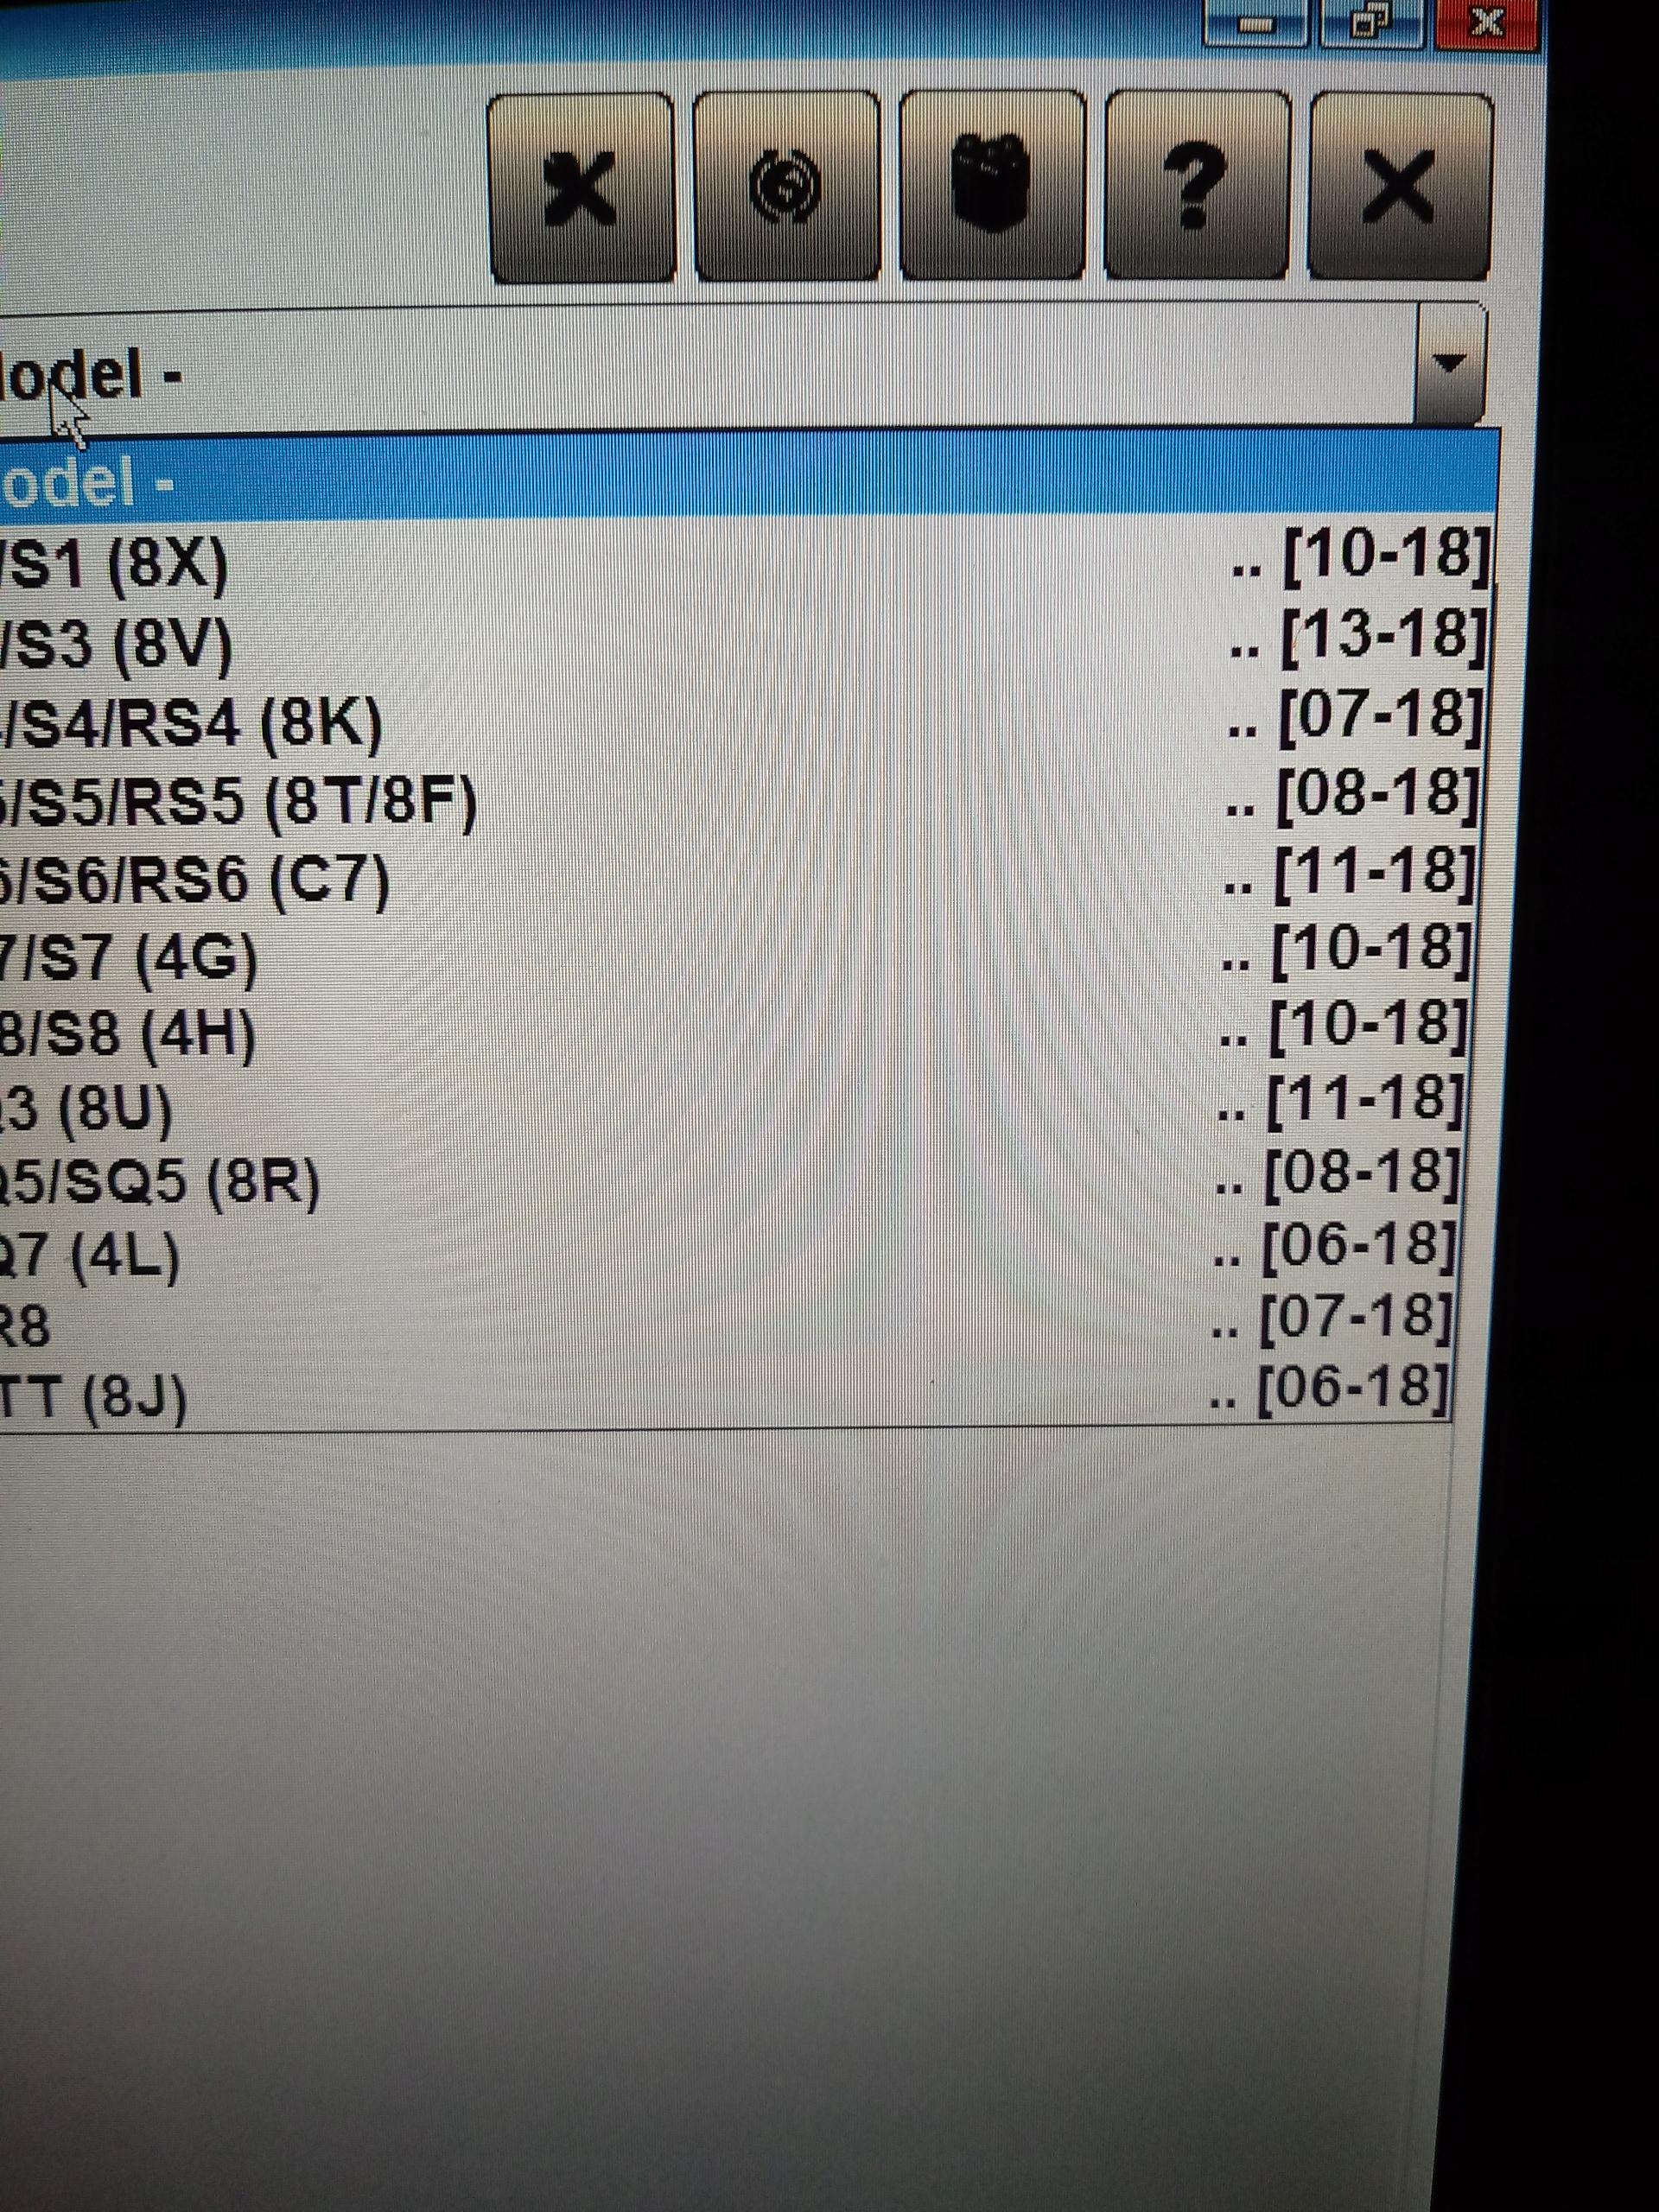 Super interfejs program diagnostyczny snooper wurth wow - 7743179055 HJ91